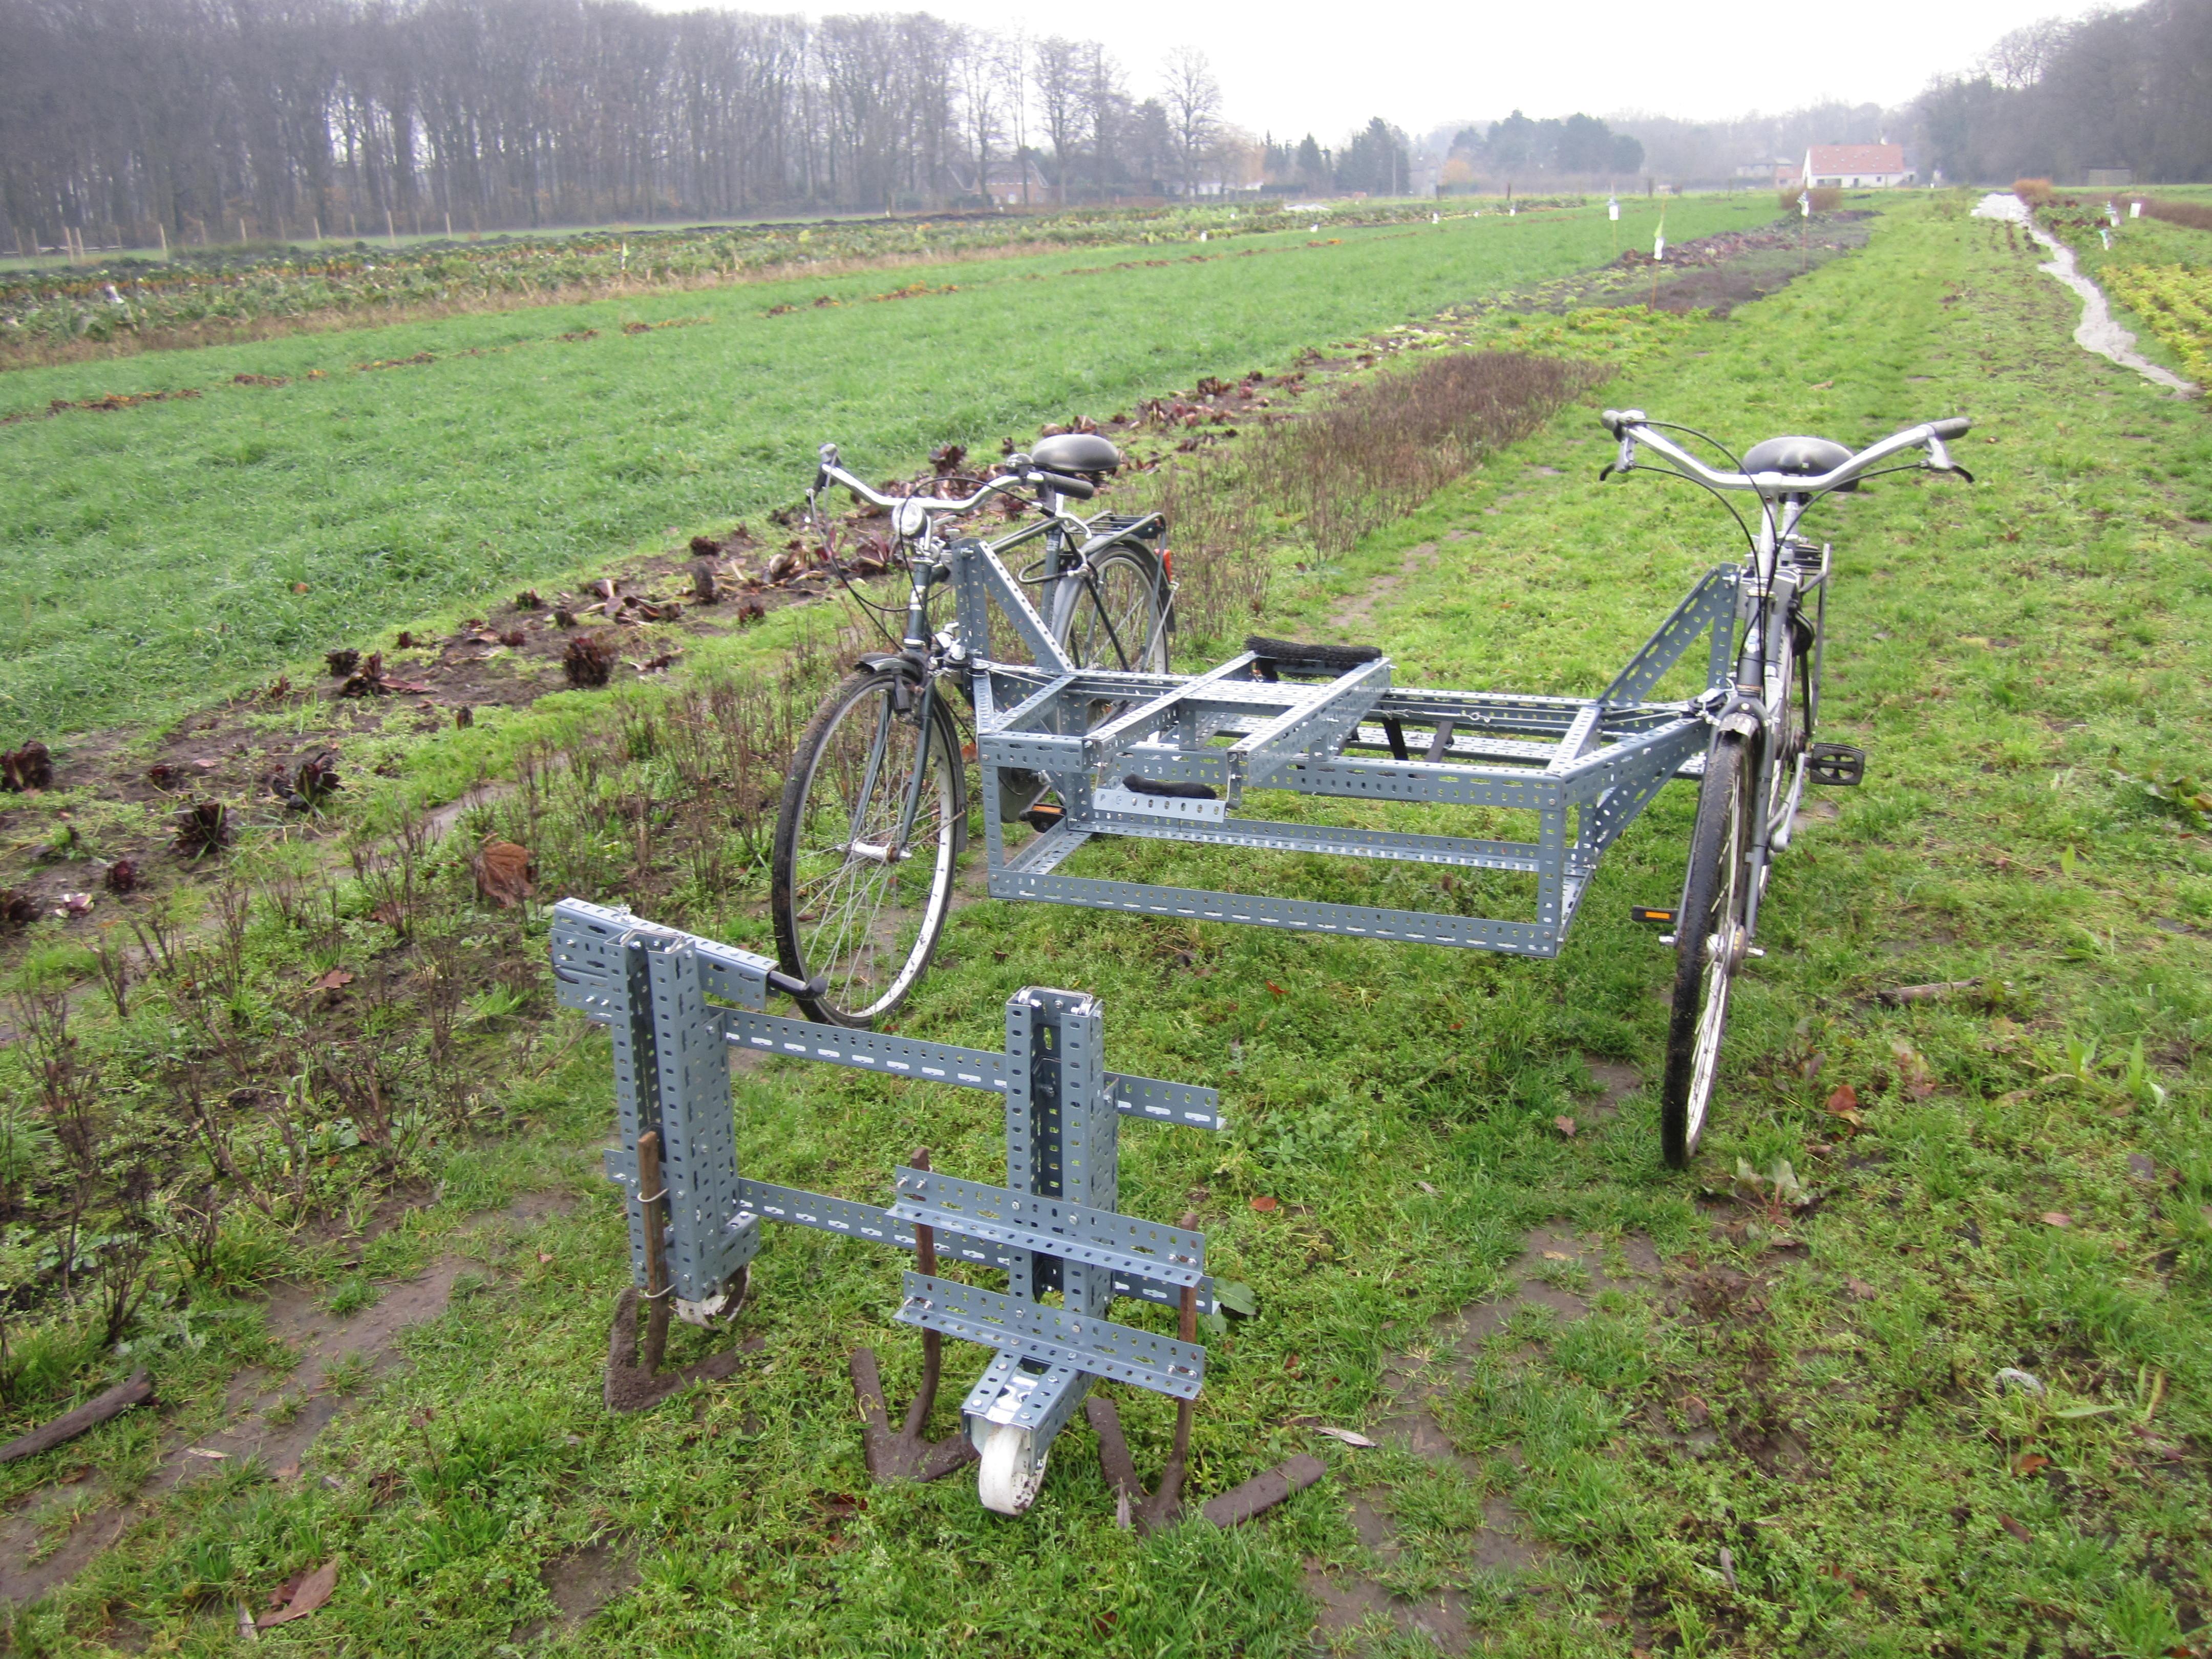 Biketractor